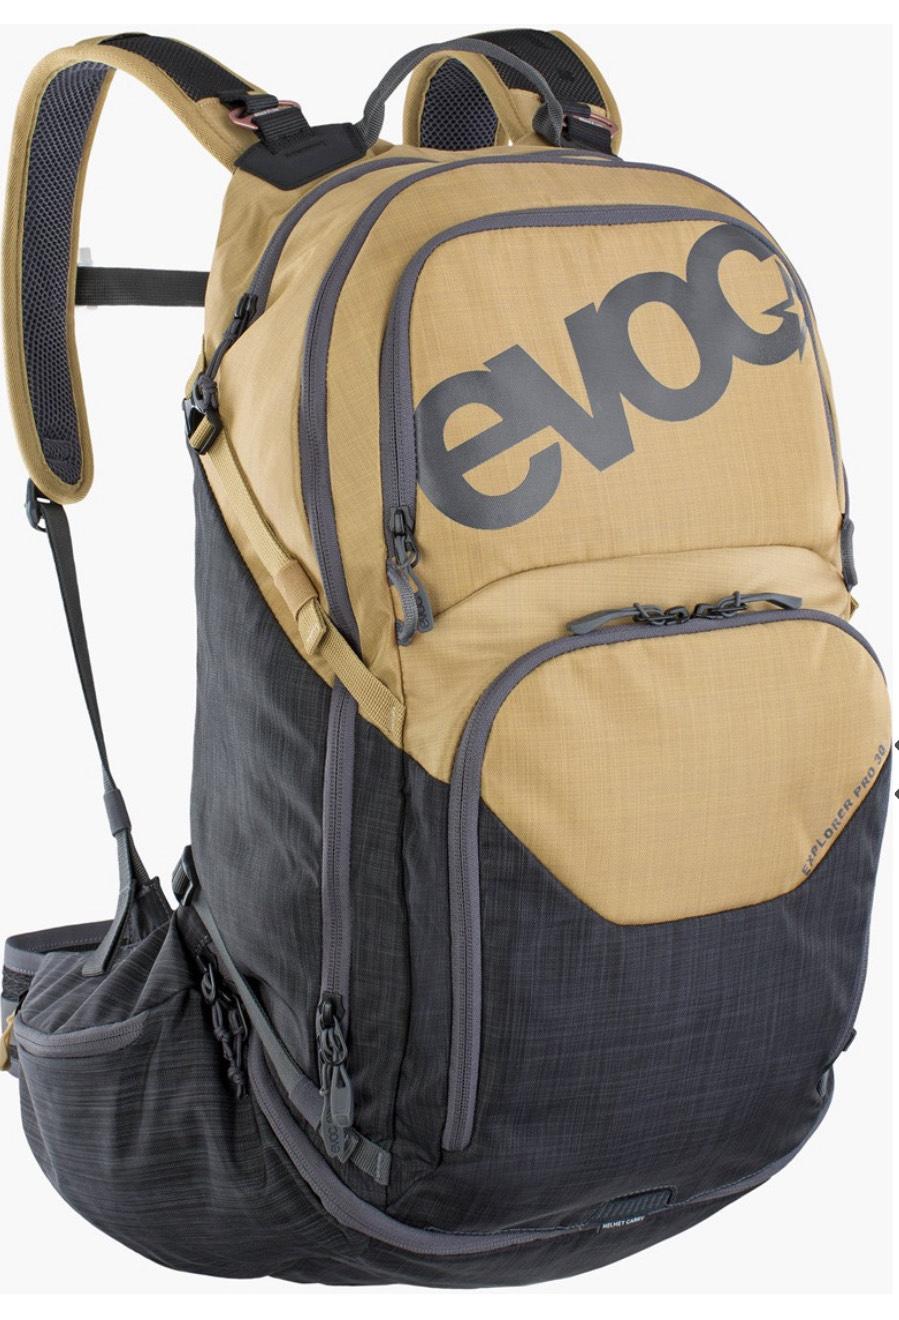 Evoc Explorer Pro 30L Gold/Carbon